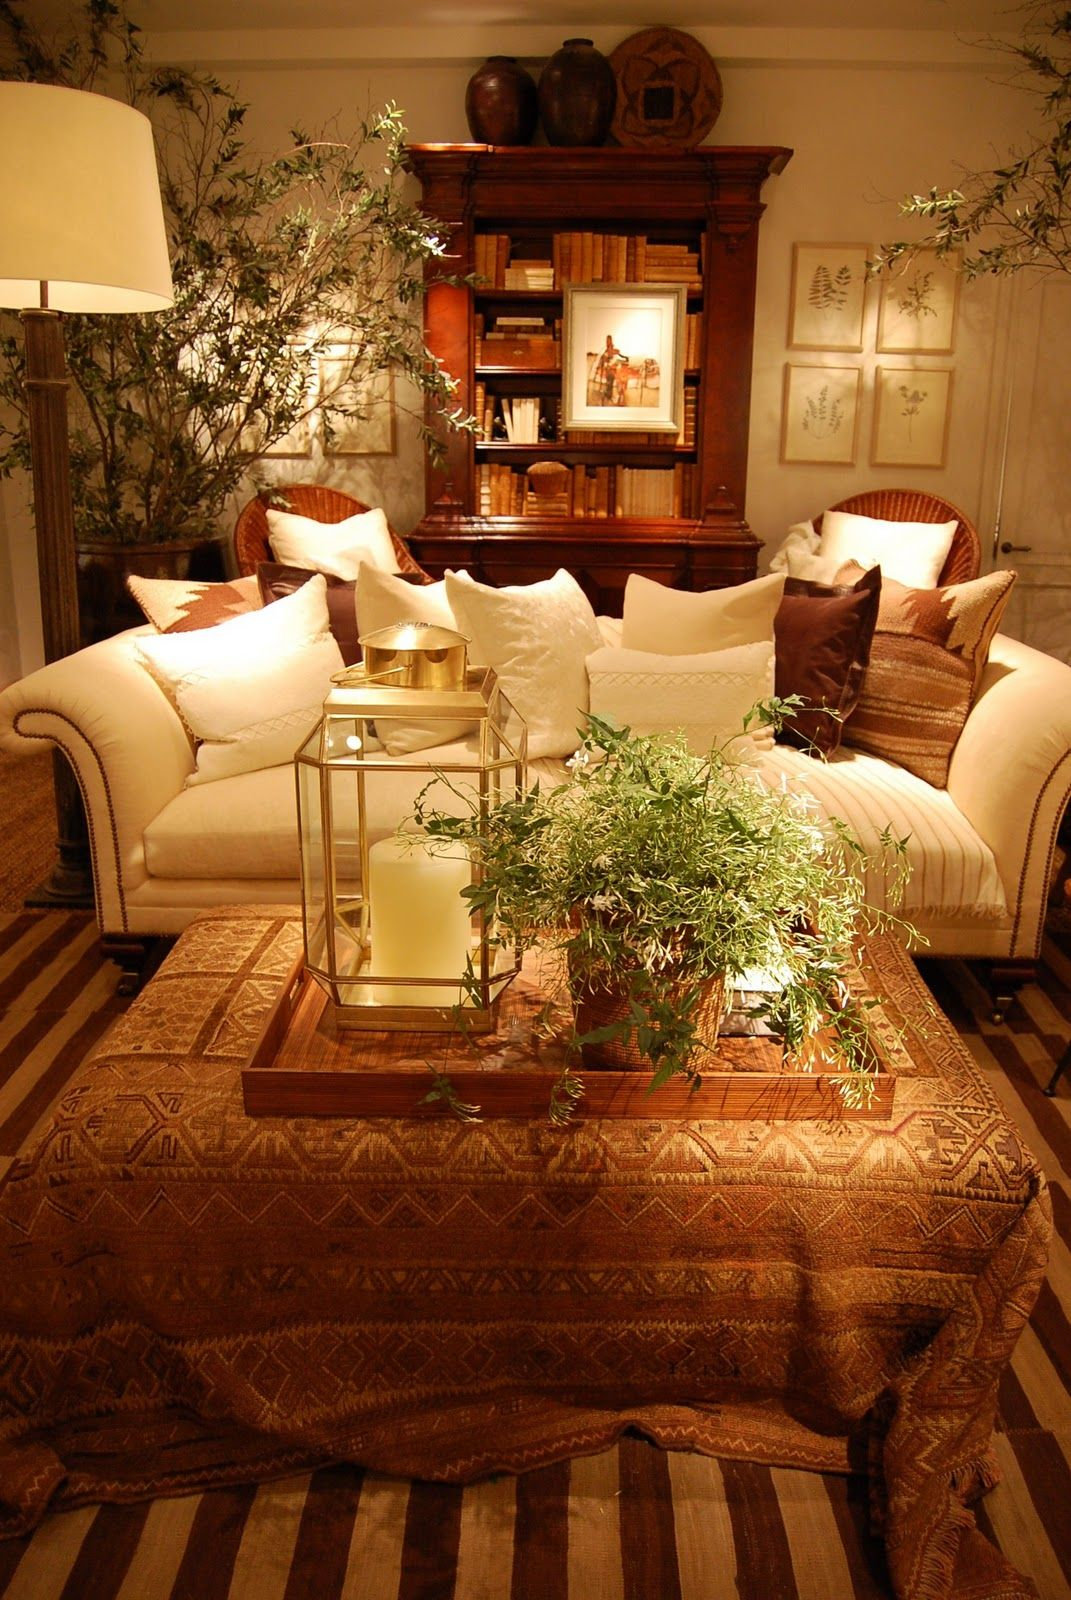 Family Home Interior Design Ideas: Home Living Room, Living Room Decor, House Design